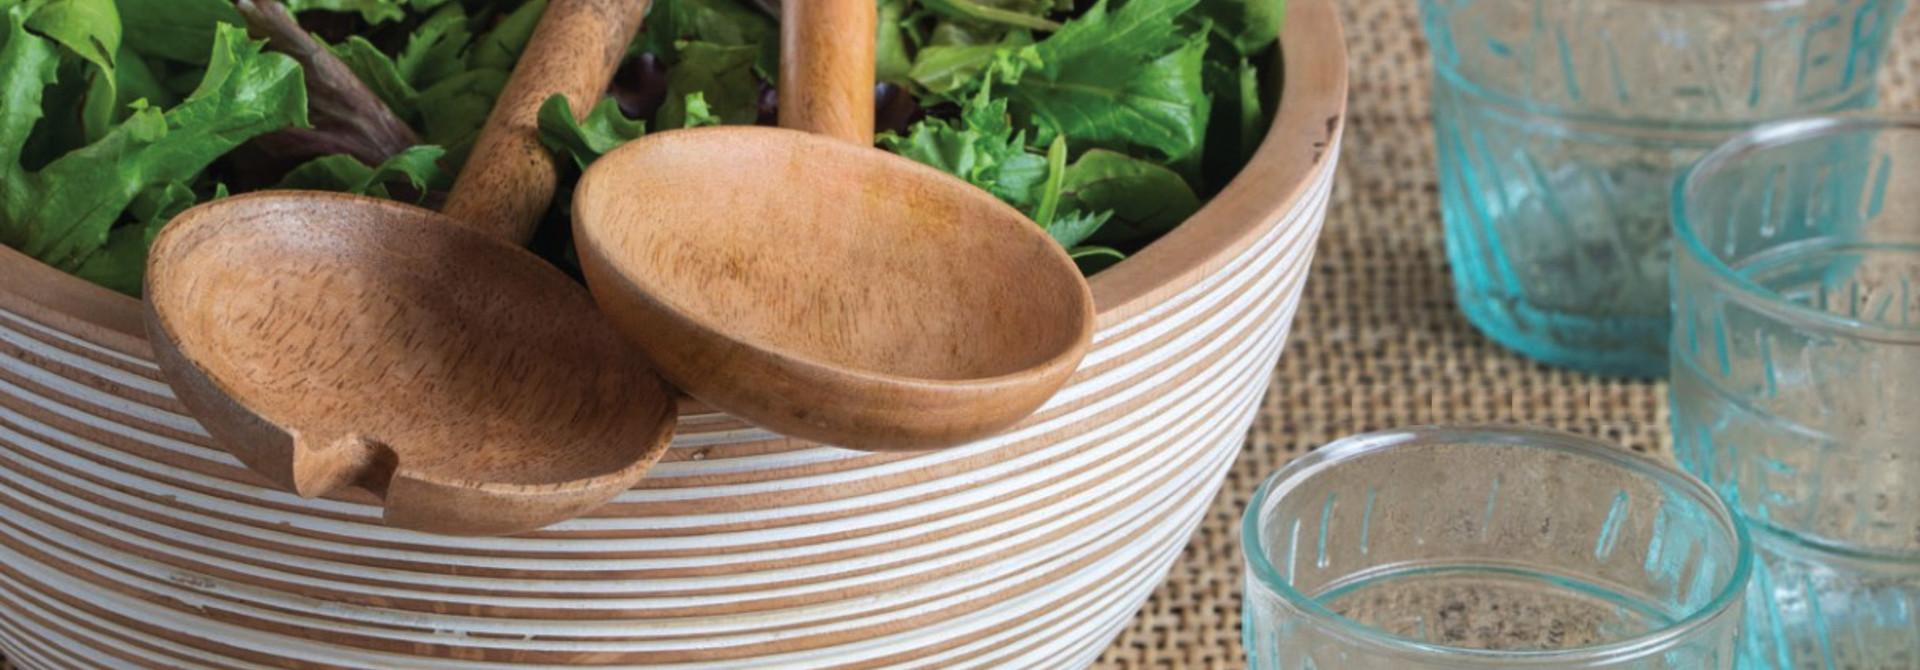 Serving + Salad Bowls